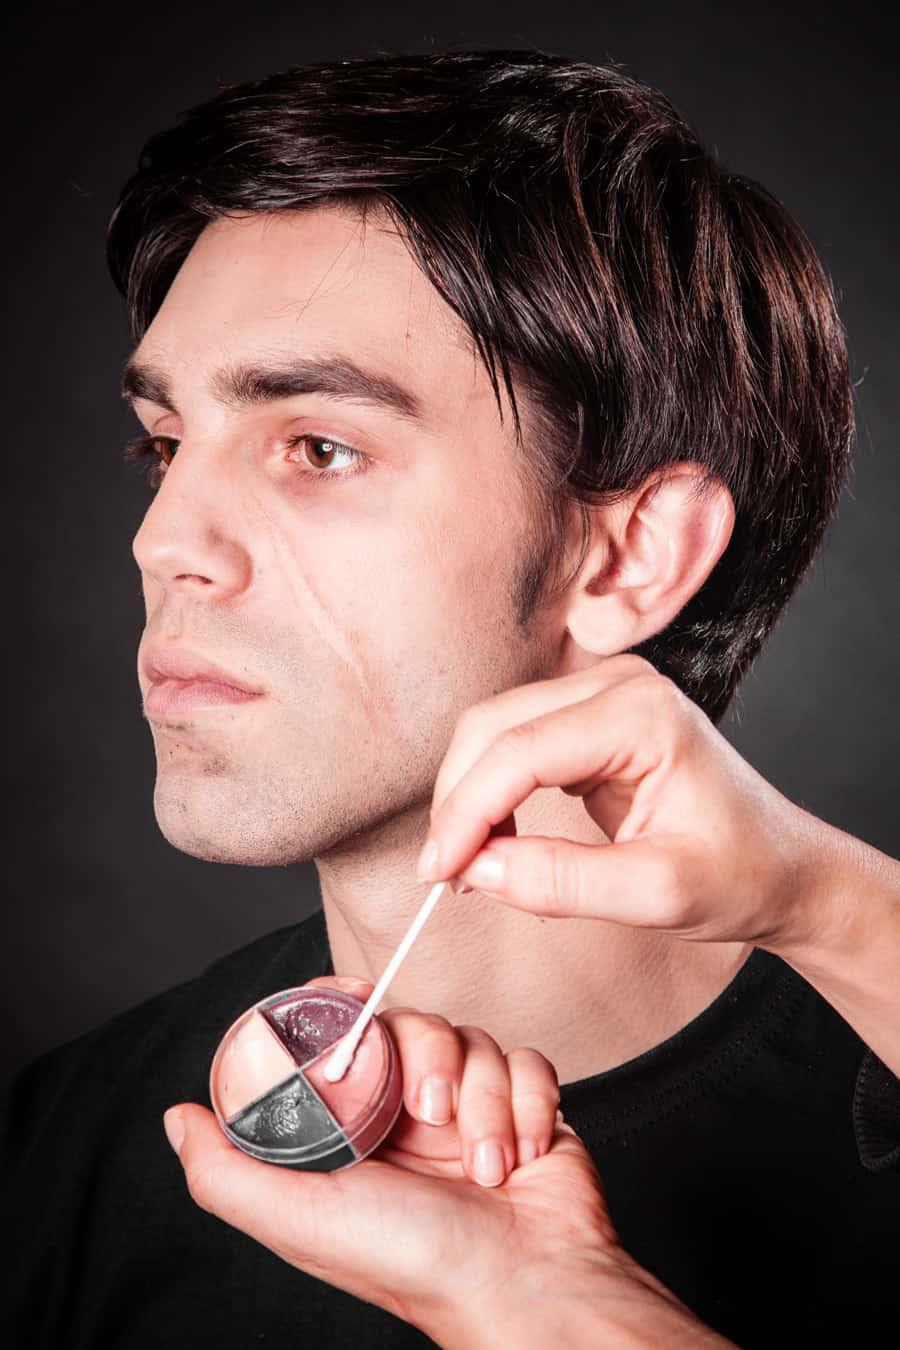 Narben Schminken Kollodium.Narben Einfach Selber Schminken Wir Zeigen Dir Wie Es Geht